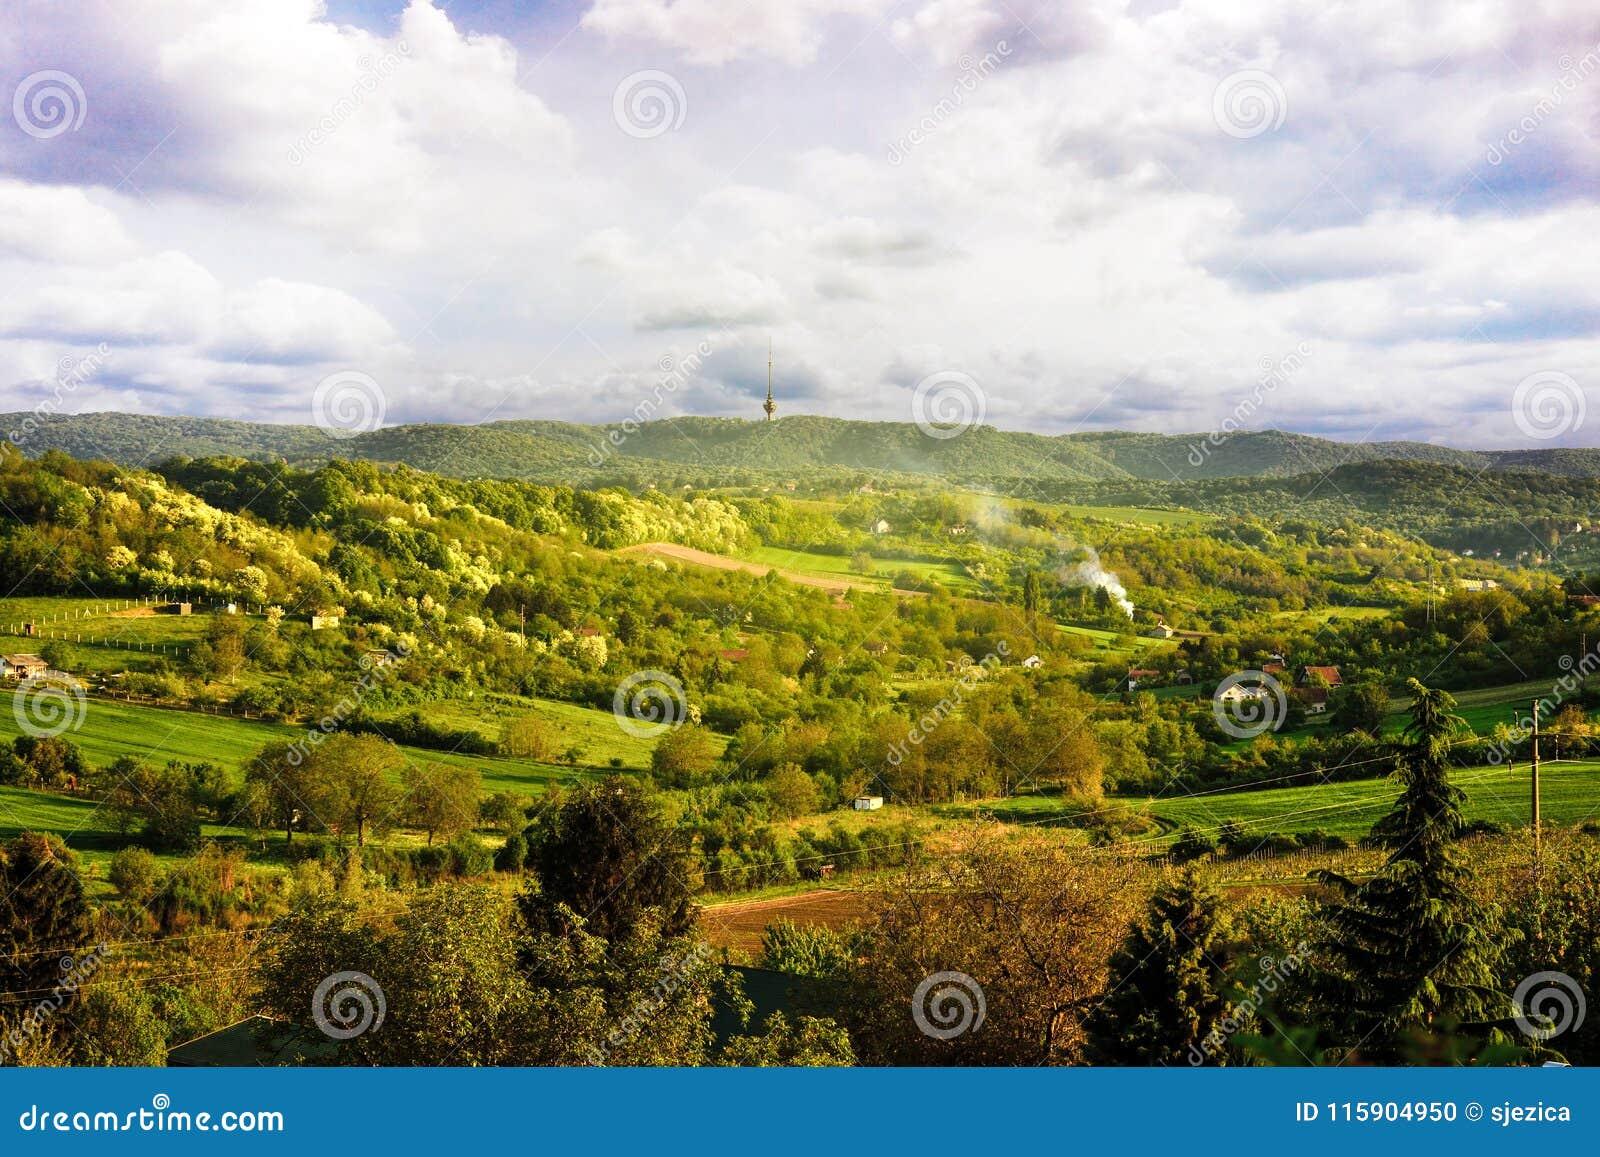 国家公园弗鲁什卡山,塞尔维亚的春天风景